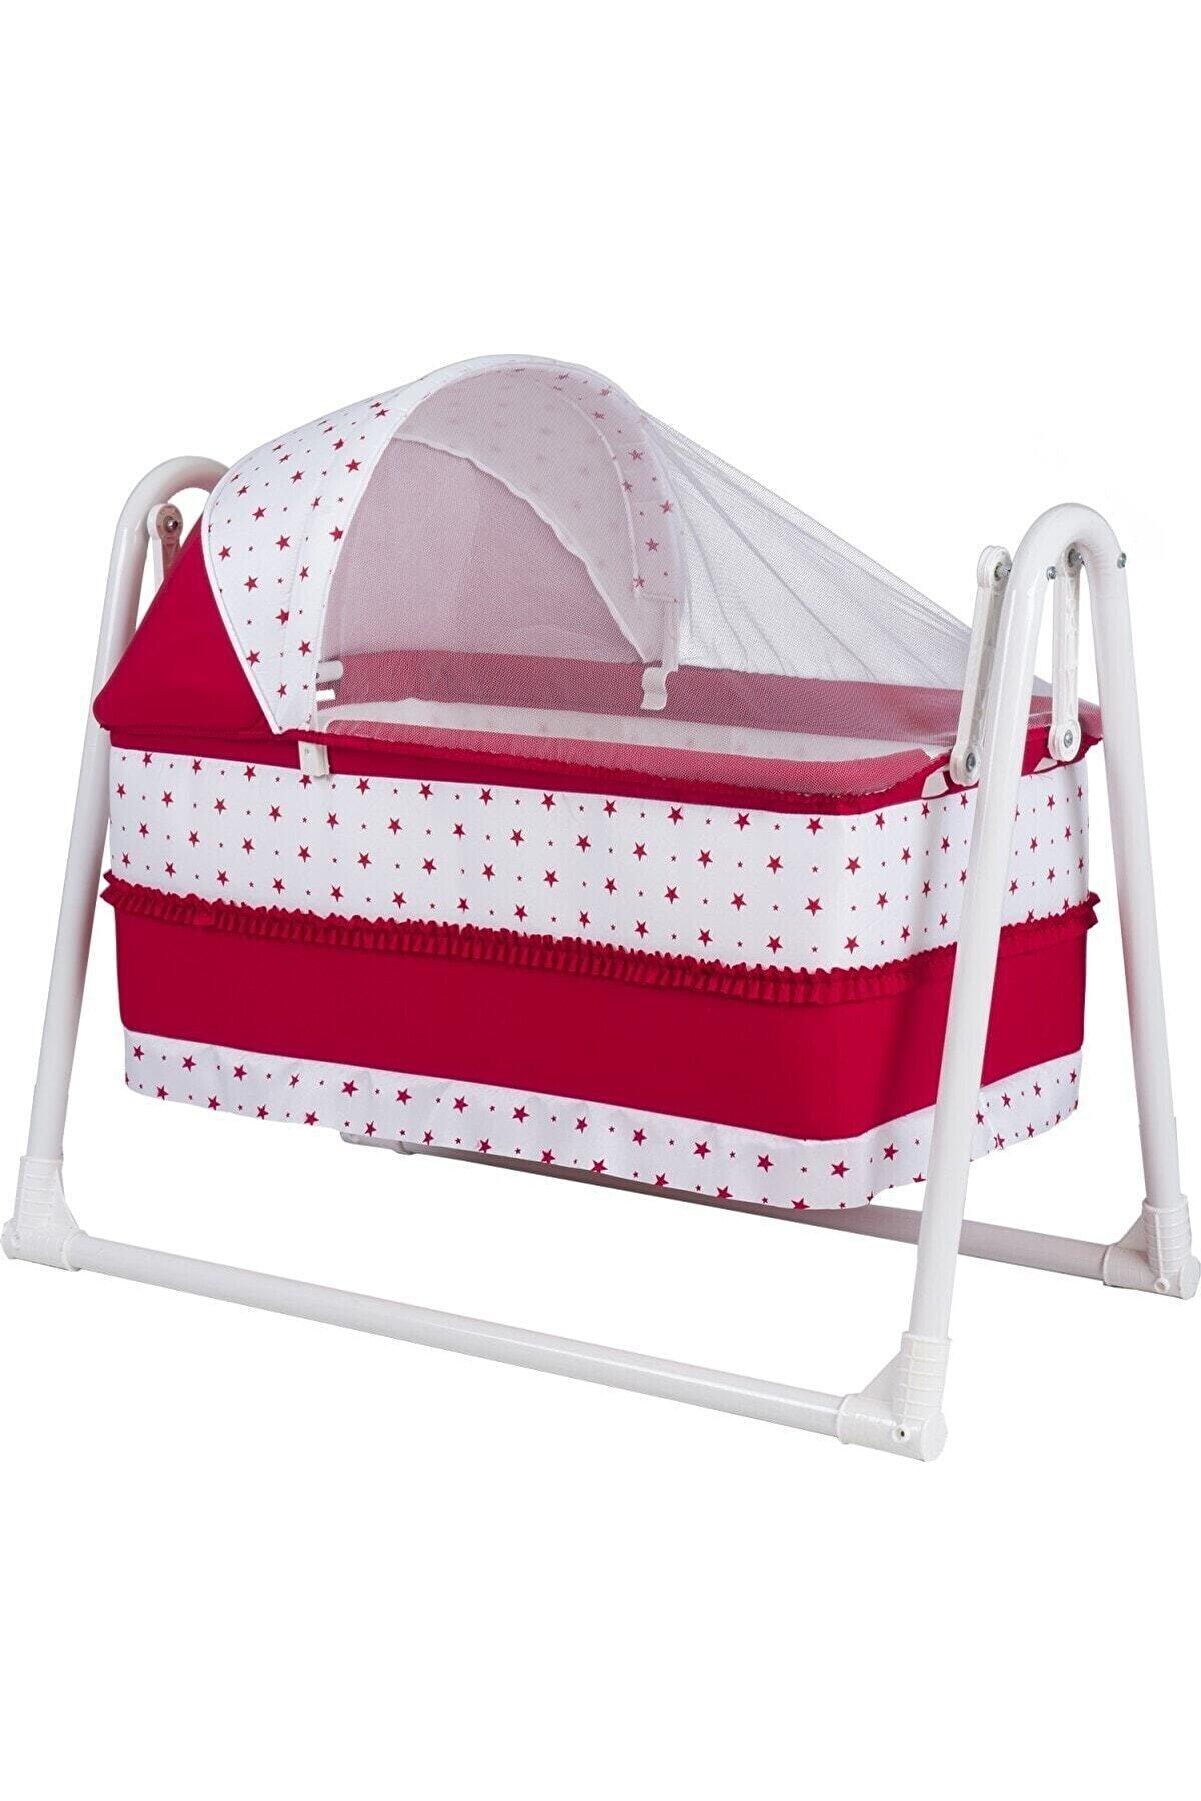 POLLY BABY Kırmızı Lüks Portatif Sallanır Sepet Beşik